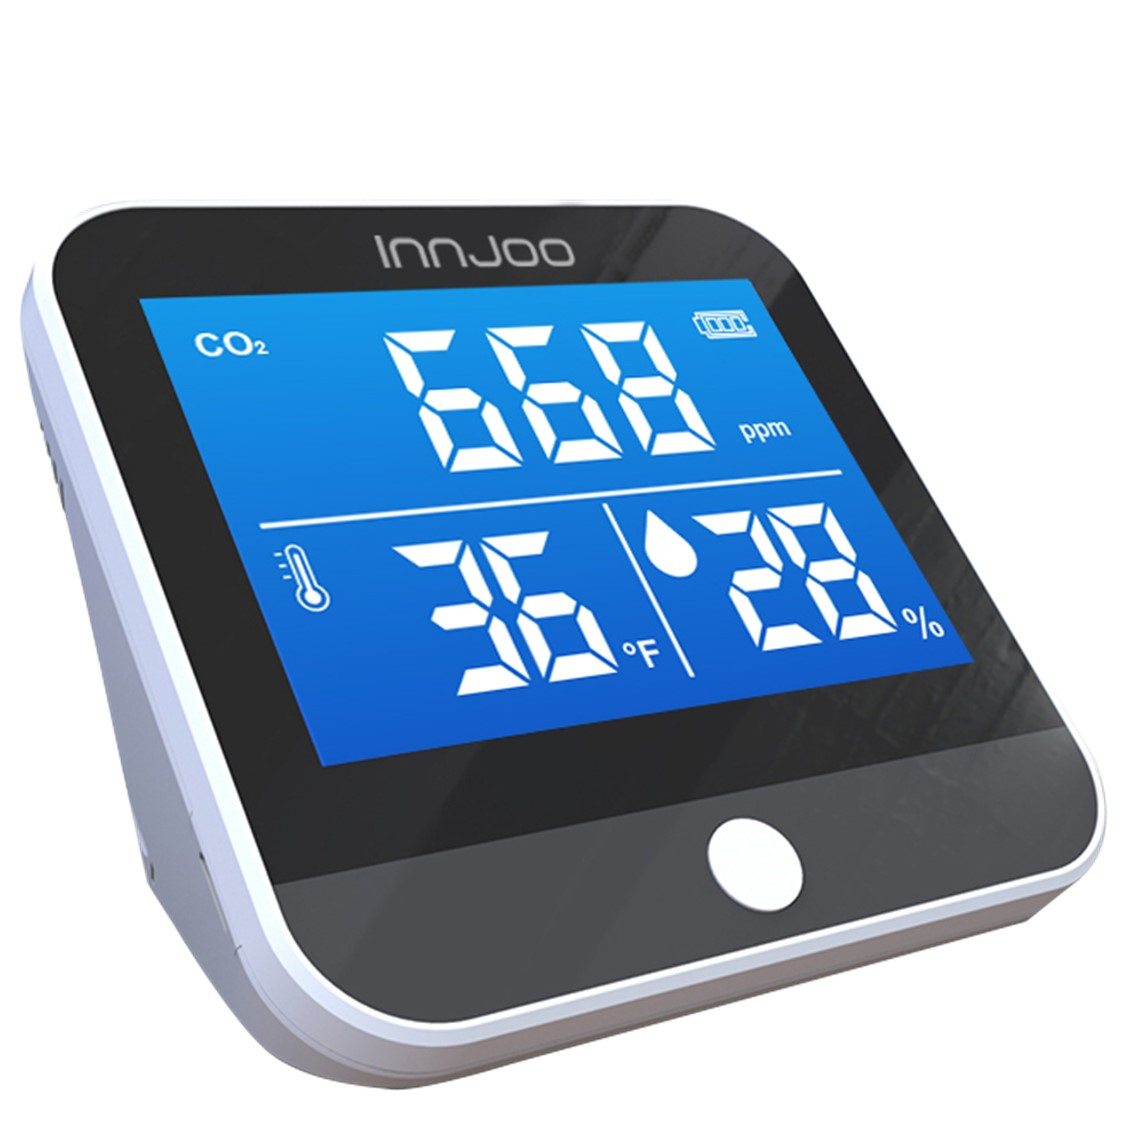 Detector De Co2 Innjoo  0.0